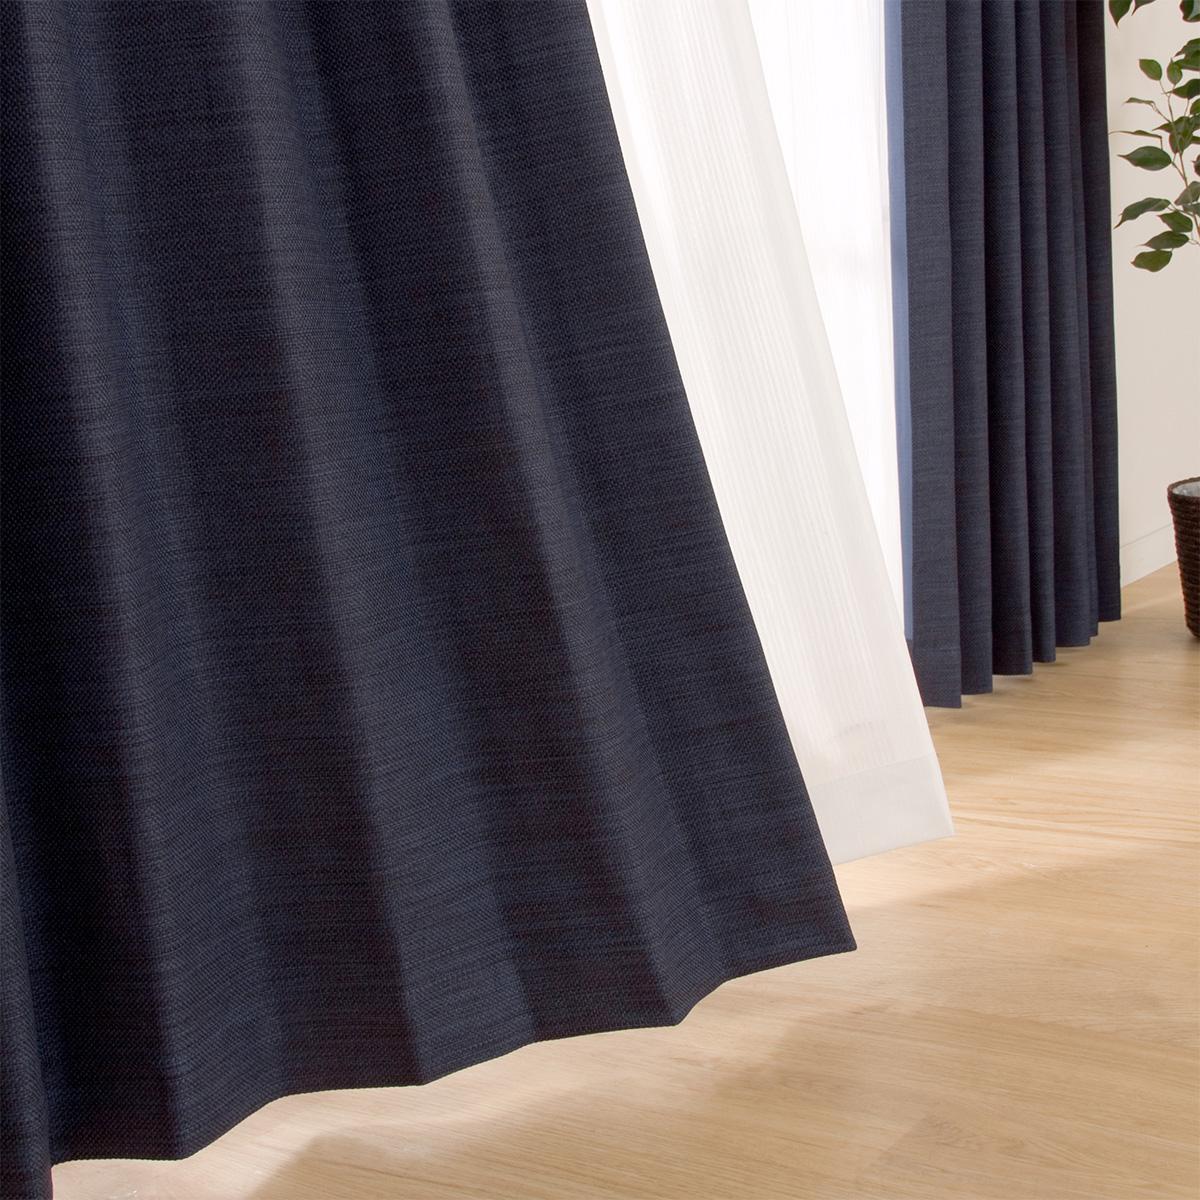 遮光1級・遮熱・防炎ドレープカーテン(ファイン ネイビー 100X220X2) ニトリ 【送料無料・玄関先迄納品】